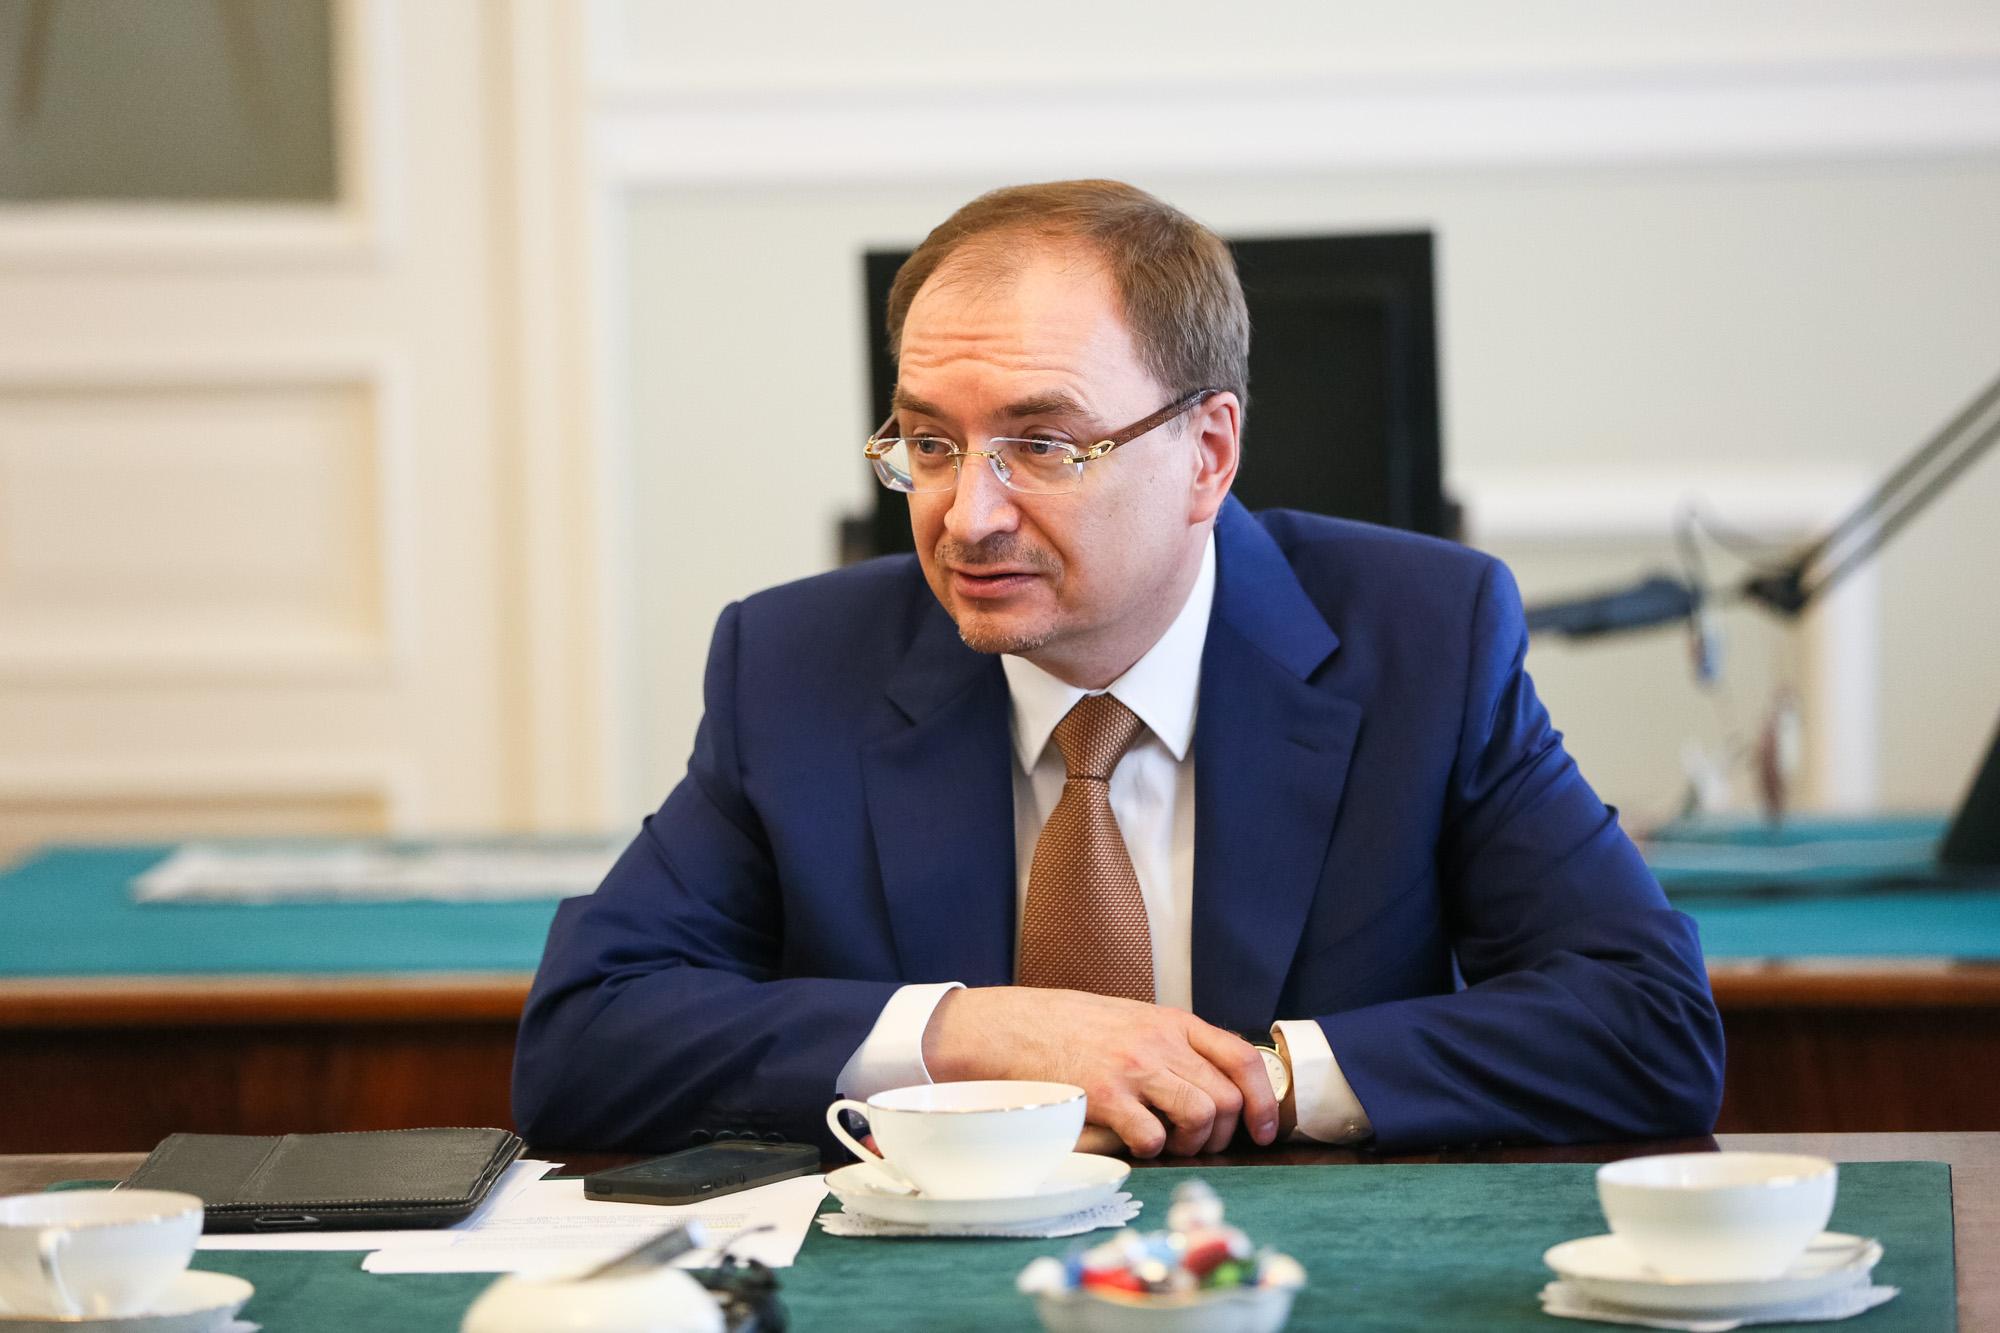 俄罗斯国际事务委员会:俄罗斯经济发展程度取决于俄罗斯大学科研水平的进展插图-小狮座俄罗斯留学